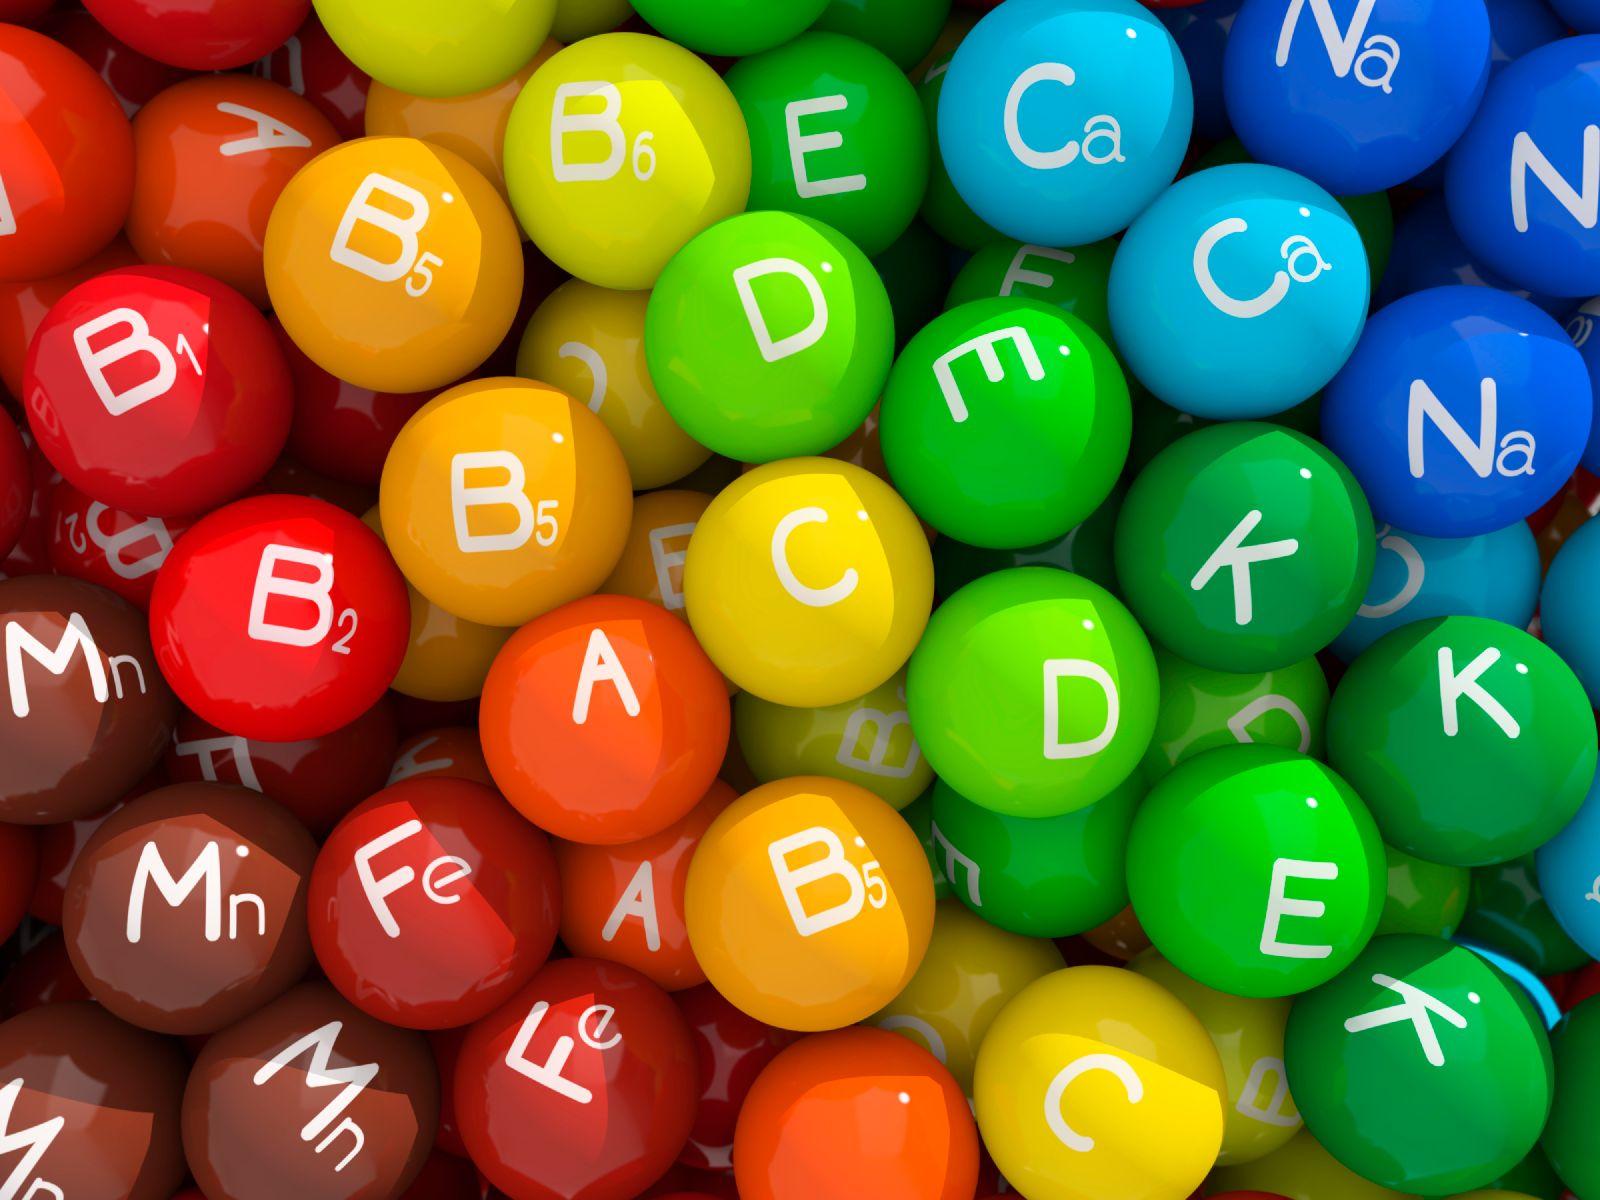 Tous sur-vitaminés jusqu'à l'overdose ? Pourquoi l'ajout de plus en plus systématique de micronutriments dans tous les aliments menace notre santé